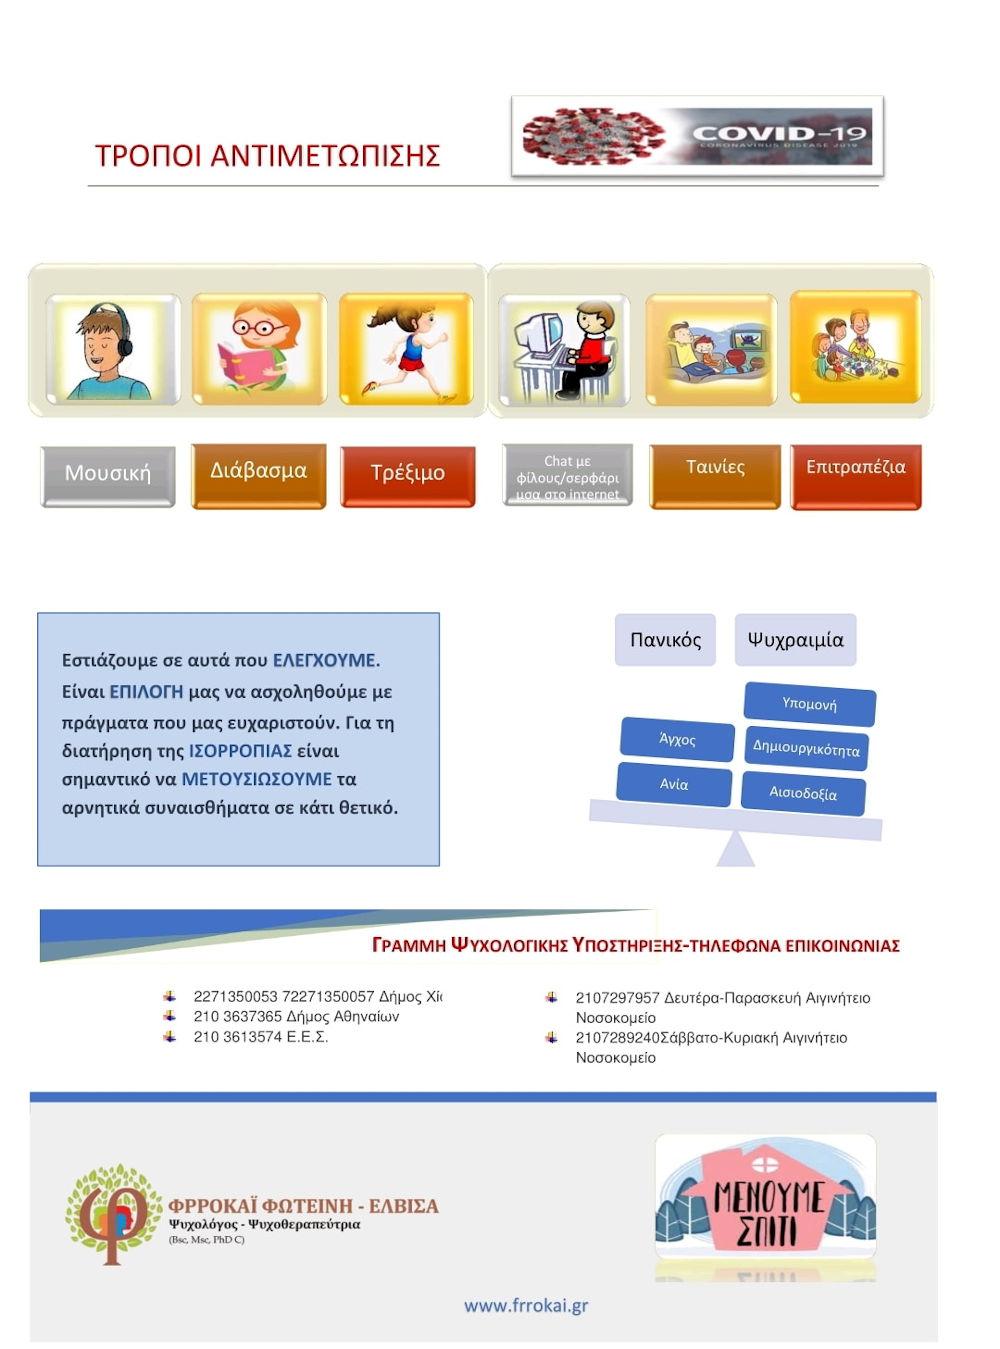 Κορωνοϊός-Ψυχολογικές διεργασίες και τρόποι αντιμετώπισης 2